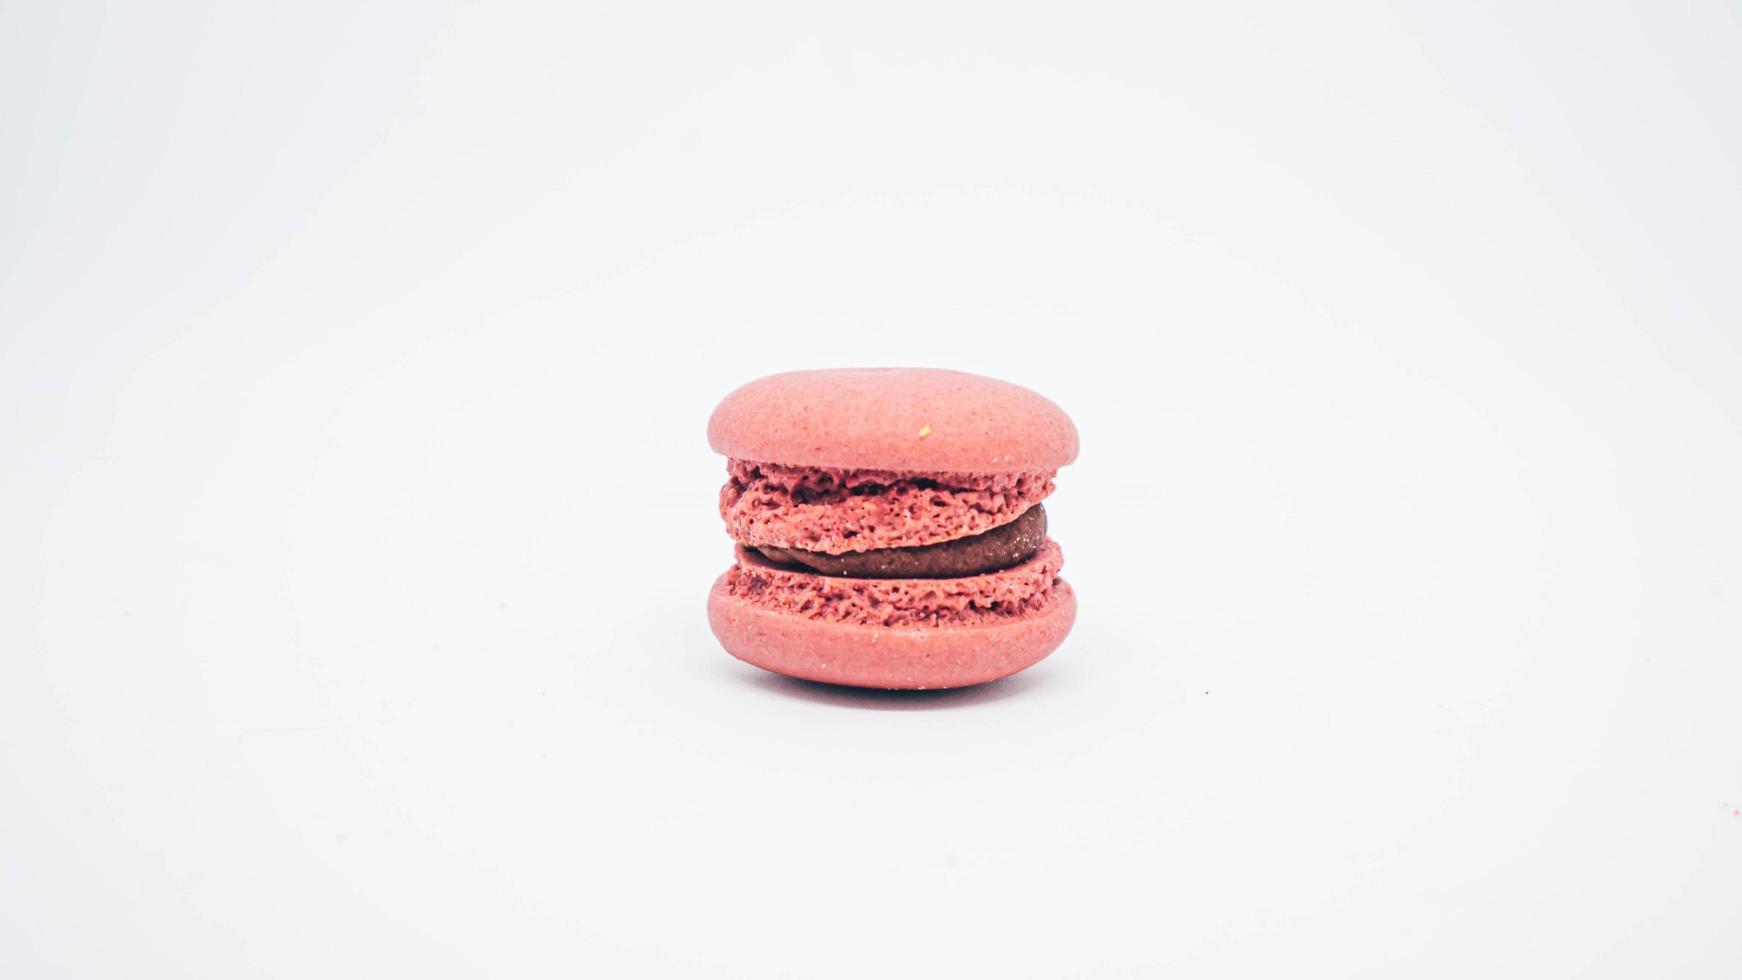 Macaron rose pastel avec crème isoler sur fond blanc photo